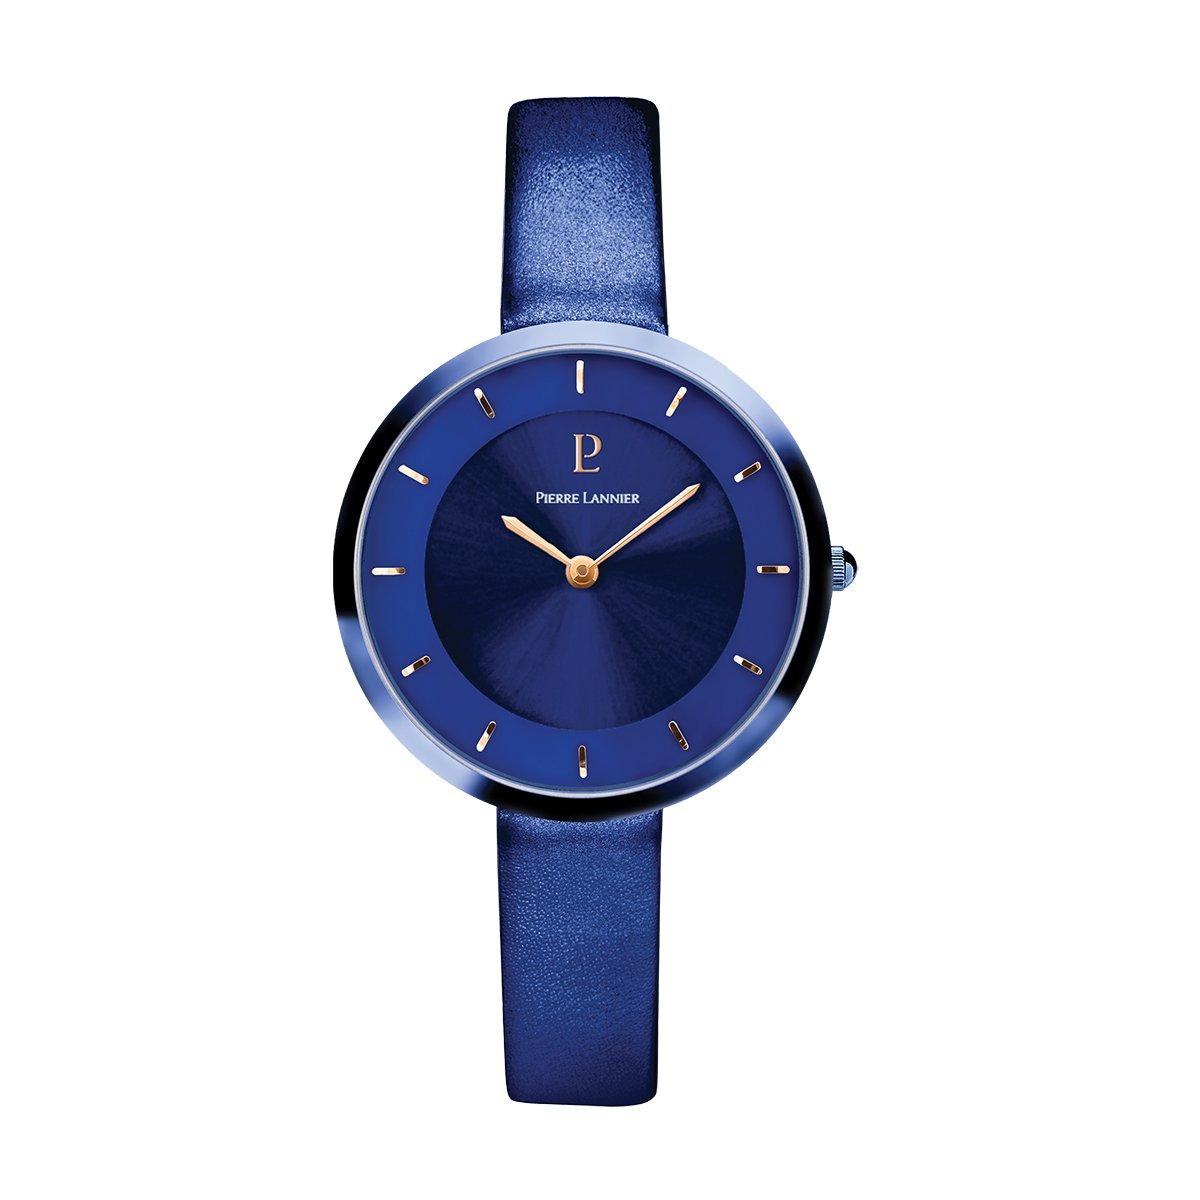 Women's Watch Pierre Lannier - 075J666 - ELEGANCE STYLE - Blue - Leather Band